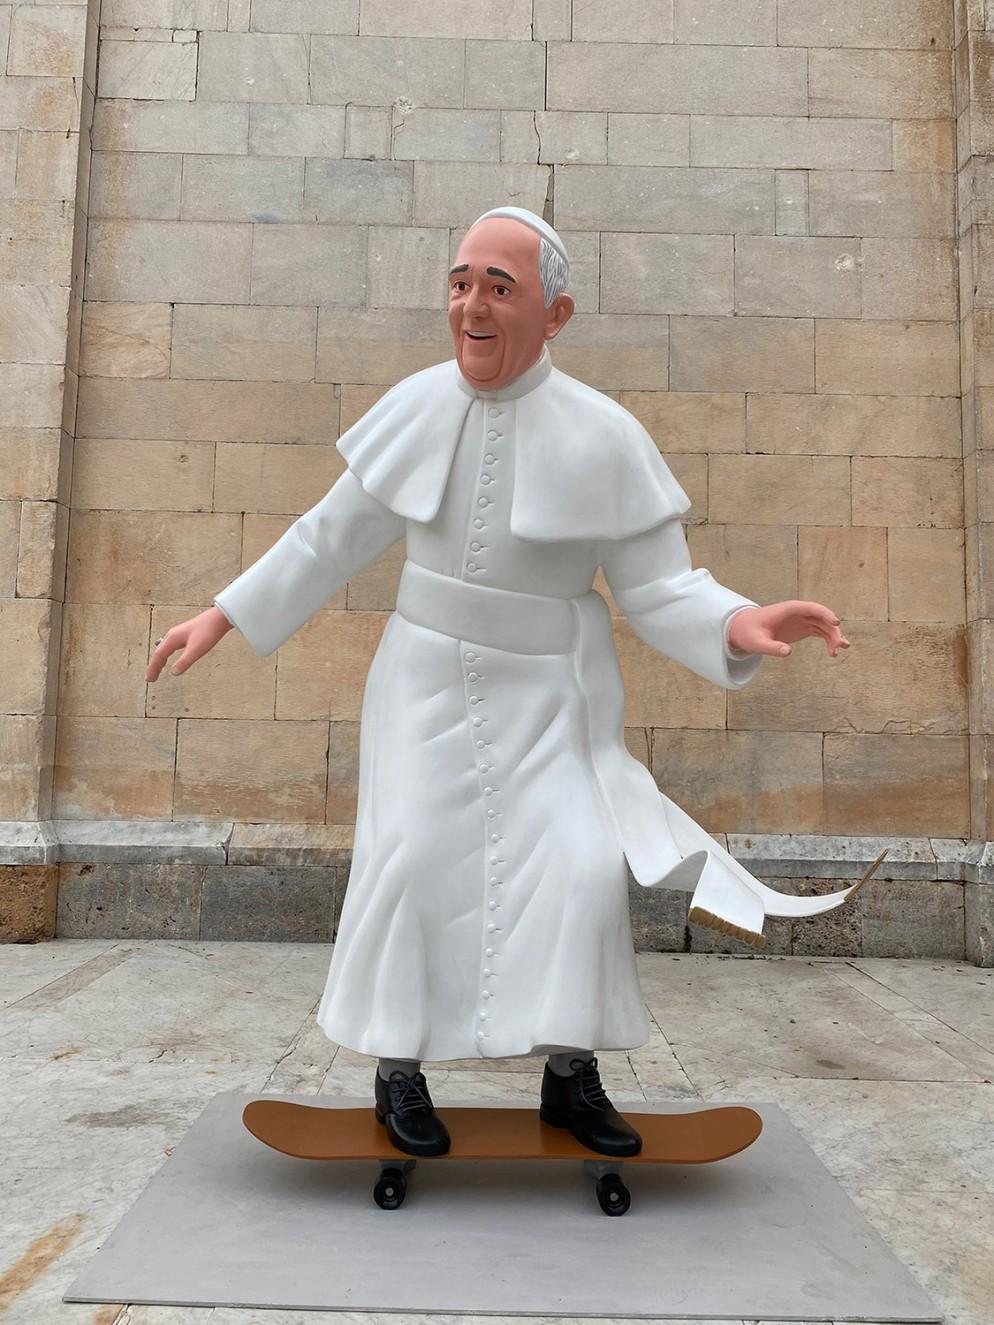 09_The-Blue-Banana_Skater-Pope